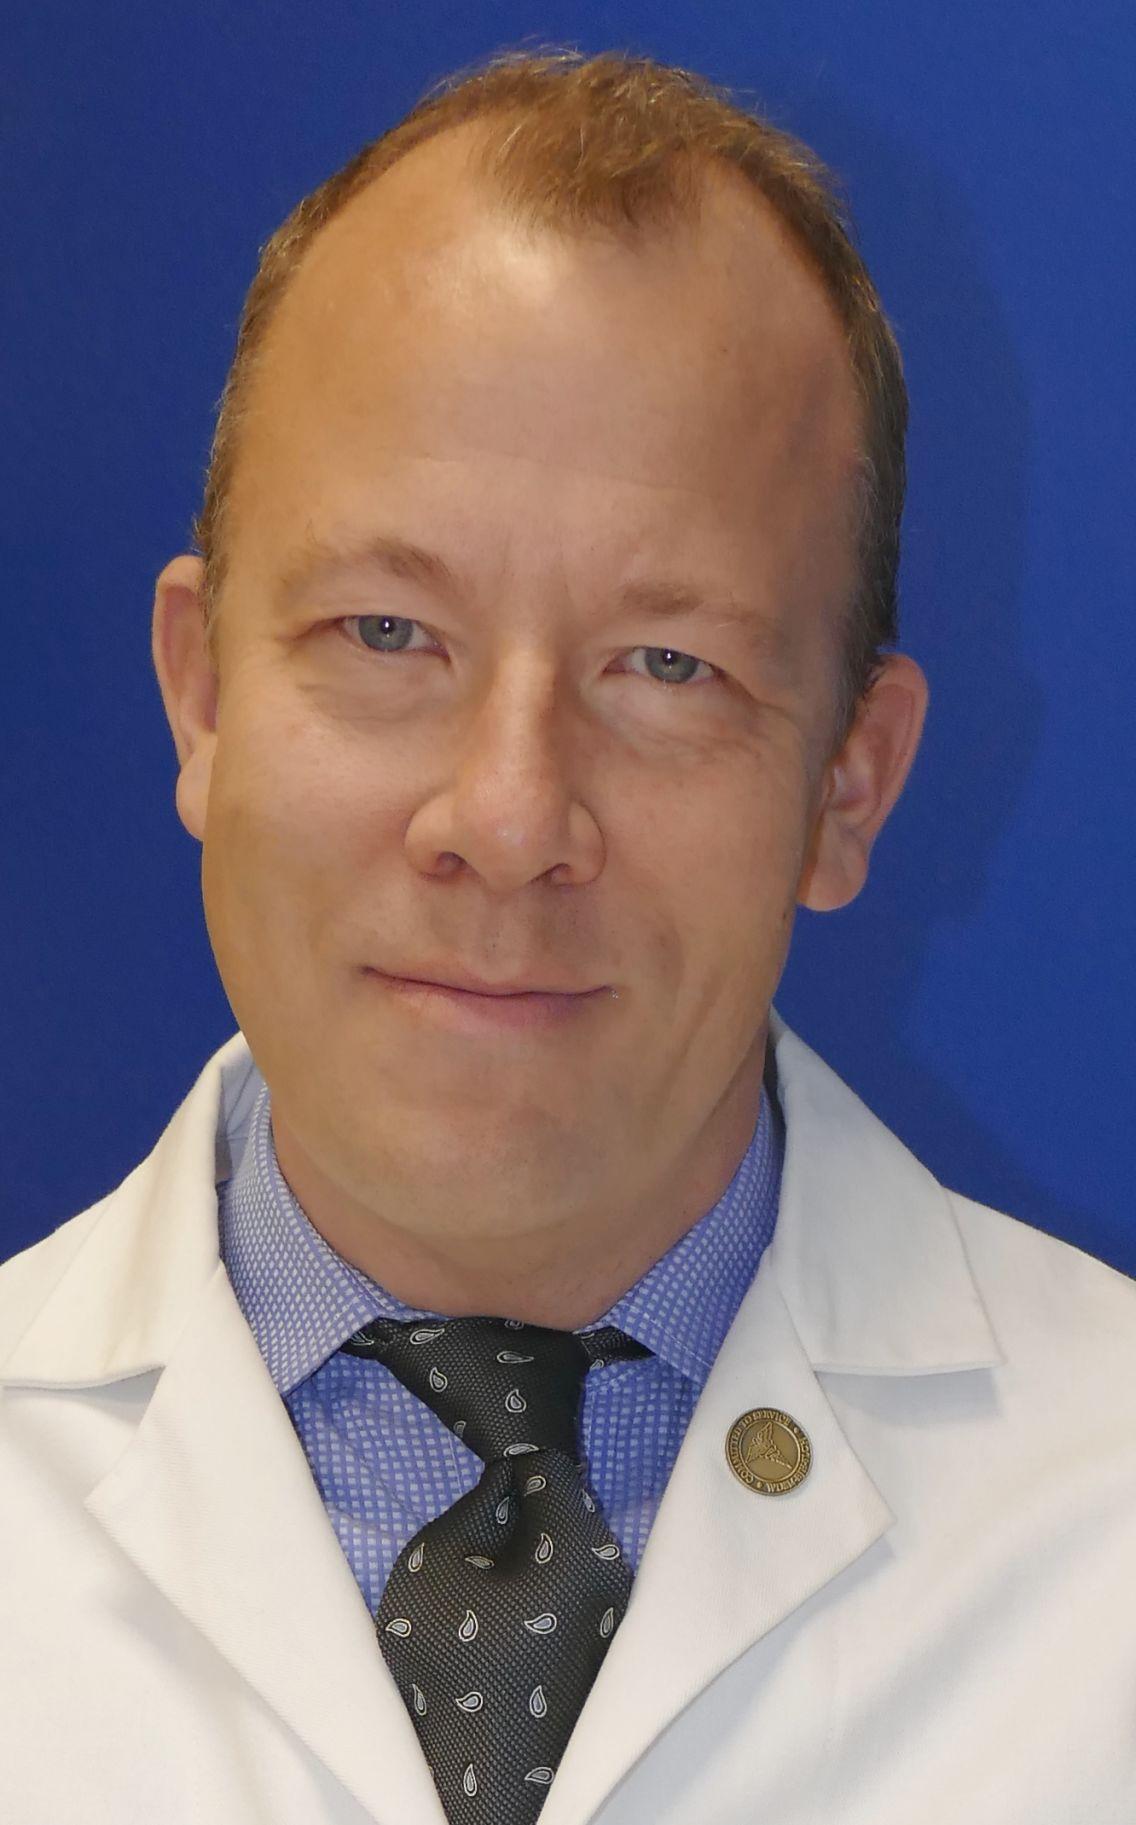 Dr. Eric Lenze